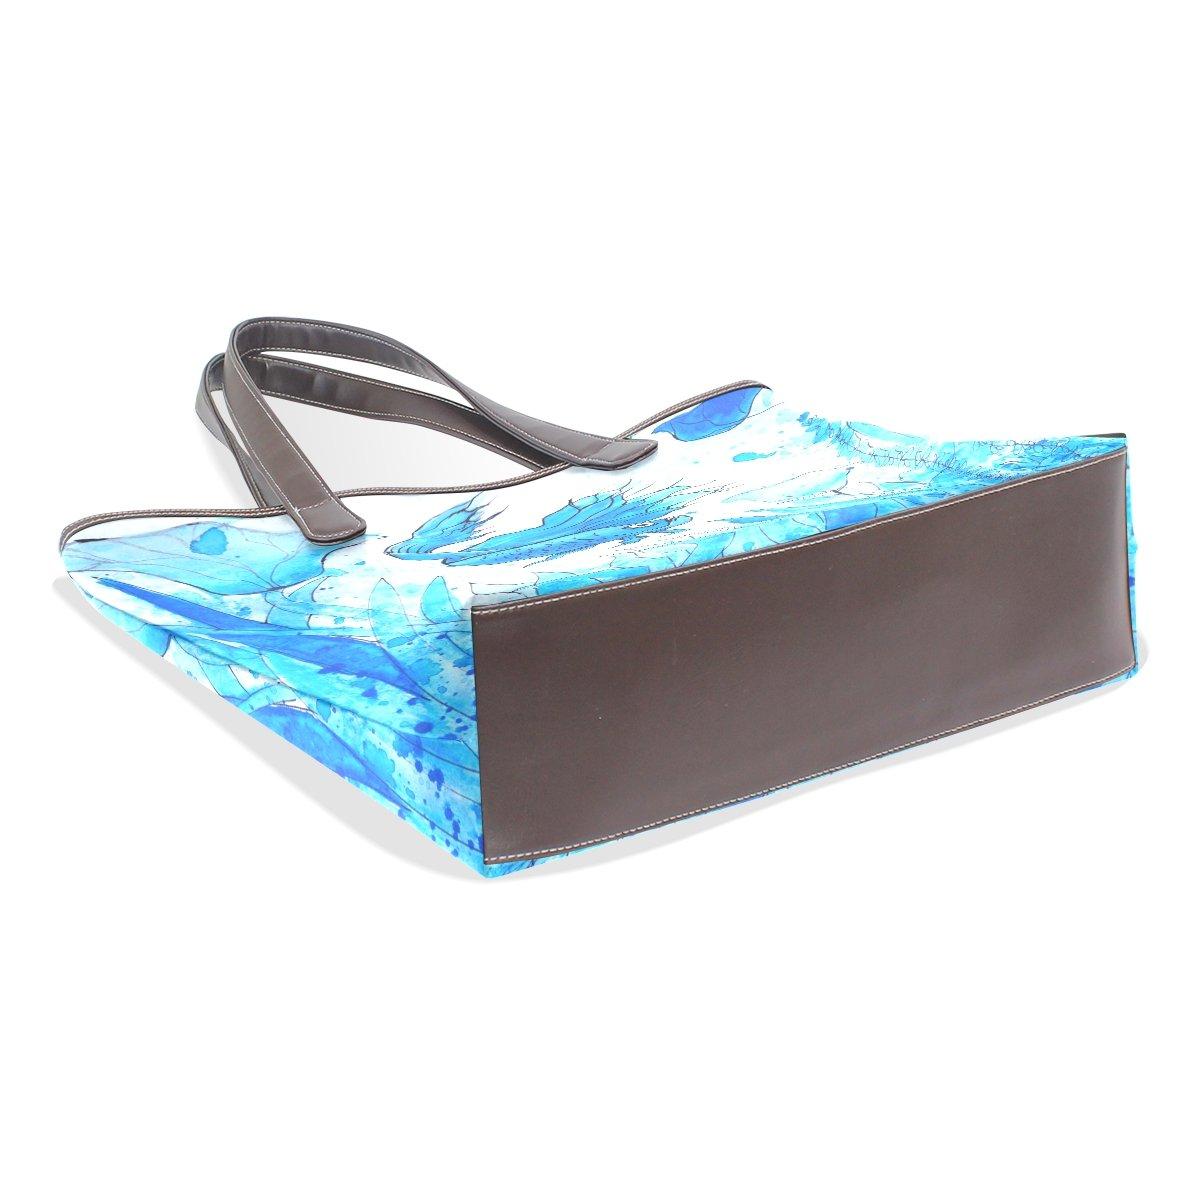 SCDS Goldfish PU Leather Lady Handbag Tote Bag Zipper Shoulder Bag